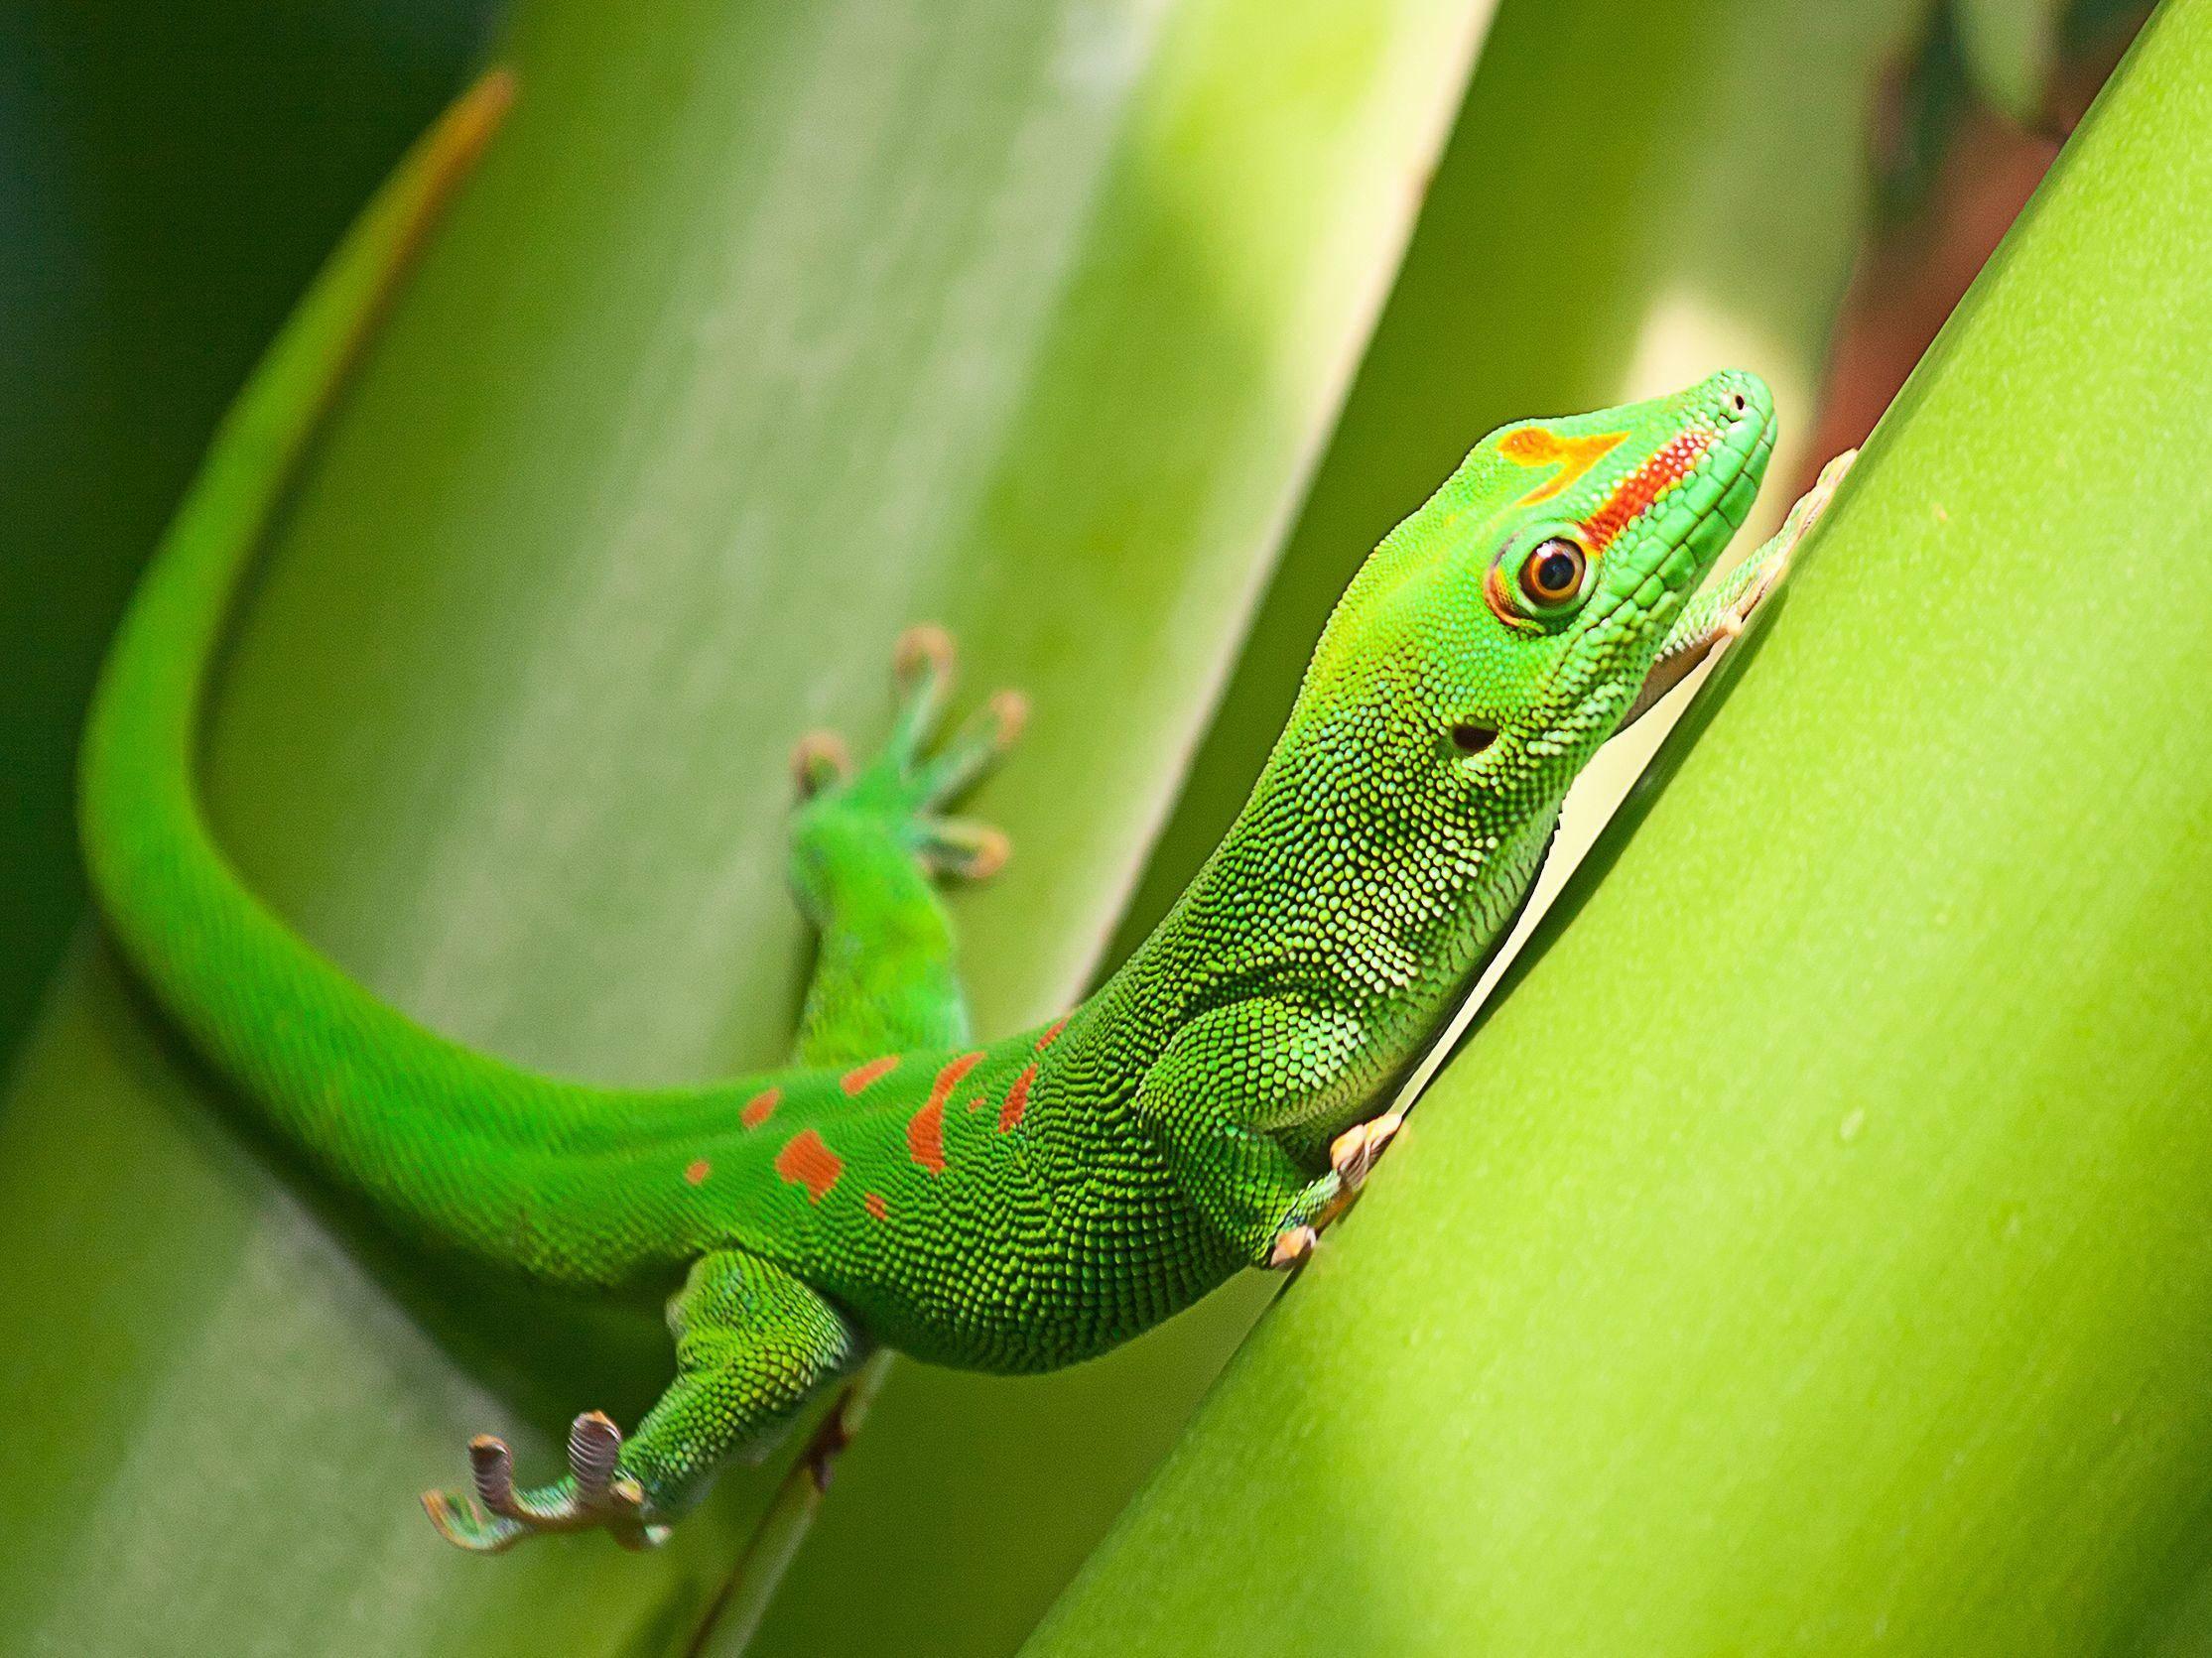 Prächtig: Ein grüner Gecko bei der Abendgymnastik — Bild: Shutterstock / Natali Glado